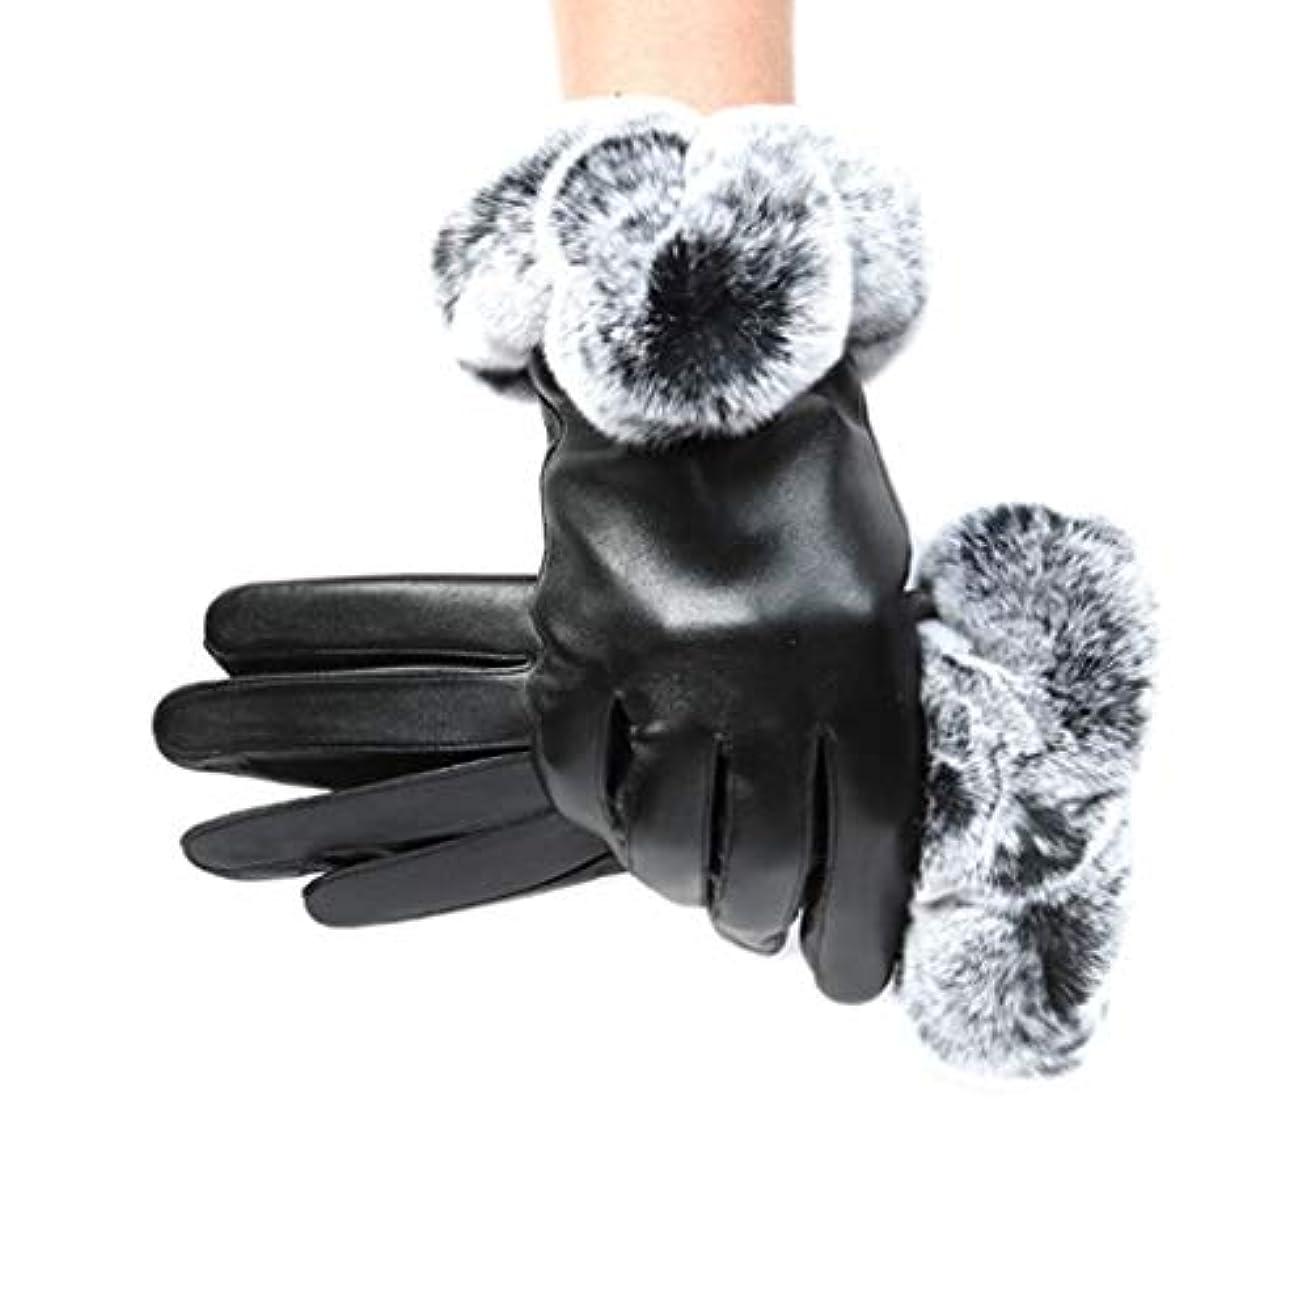 置くためにパック快適加速するレザーグローブ冬の暖かい手袋レディースアウトドアライディンググローブ防風コールドプラスベルベットのタッチスクリーングローブ女性モデル